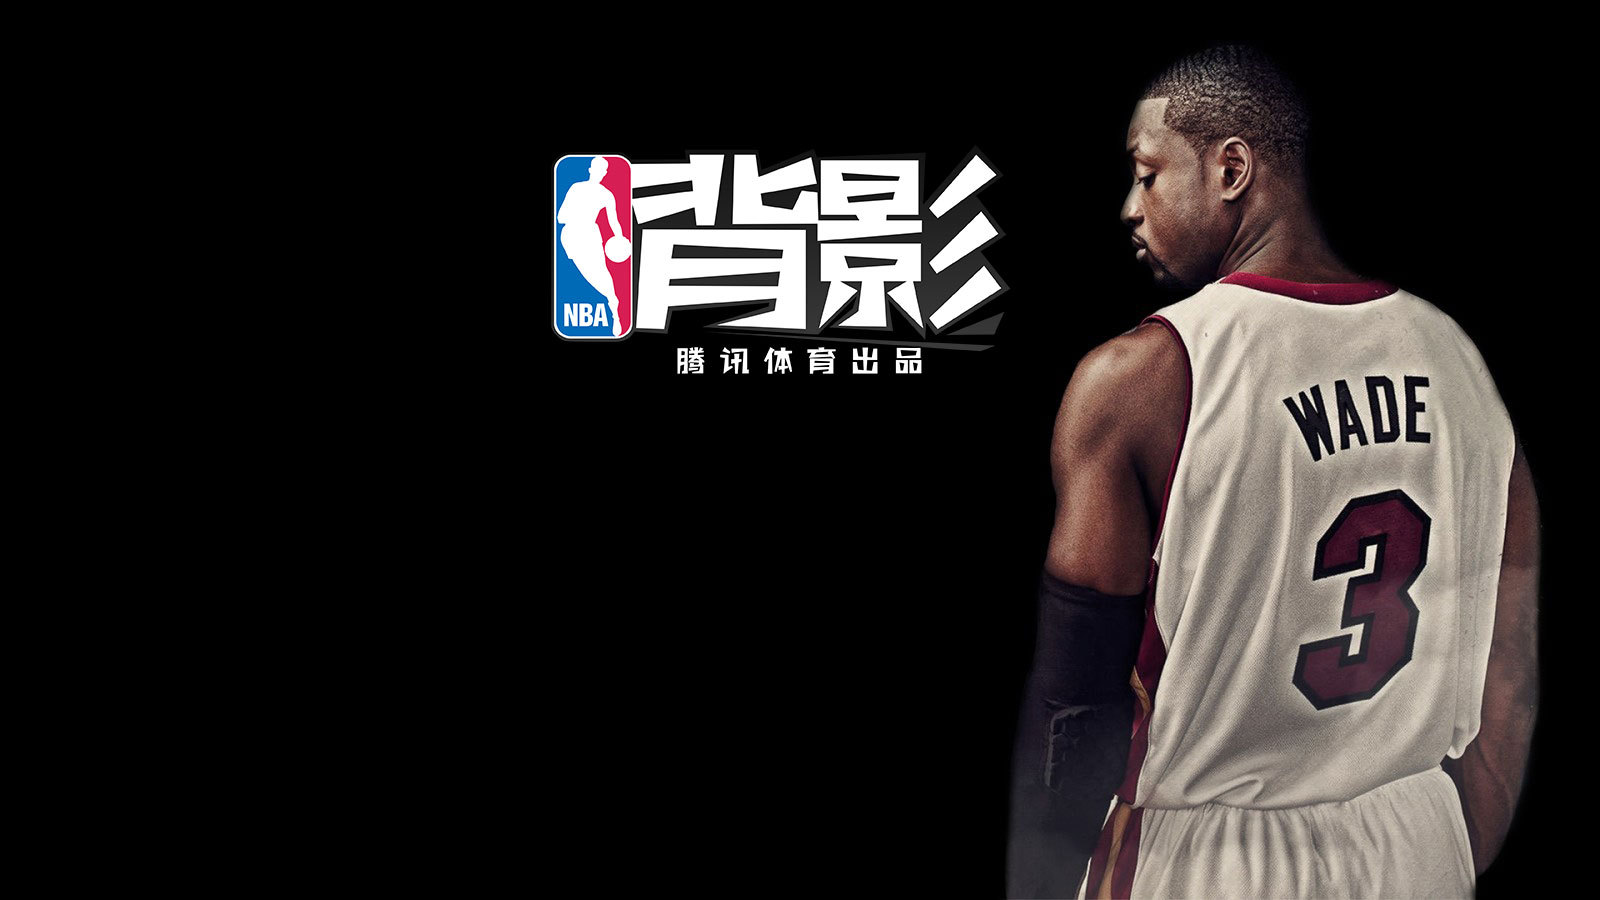 篮球背影手机壁纸